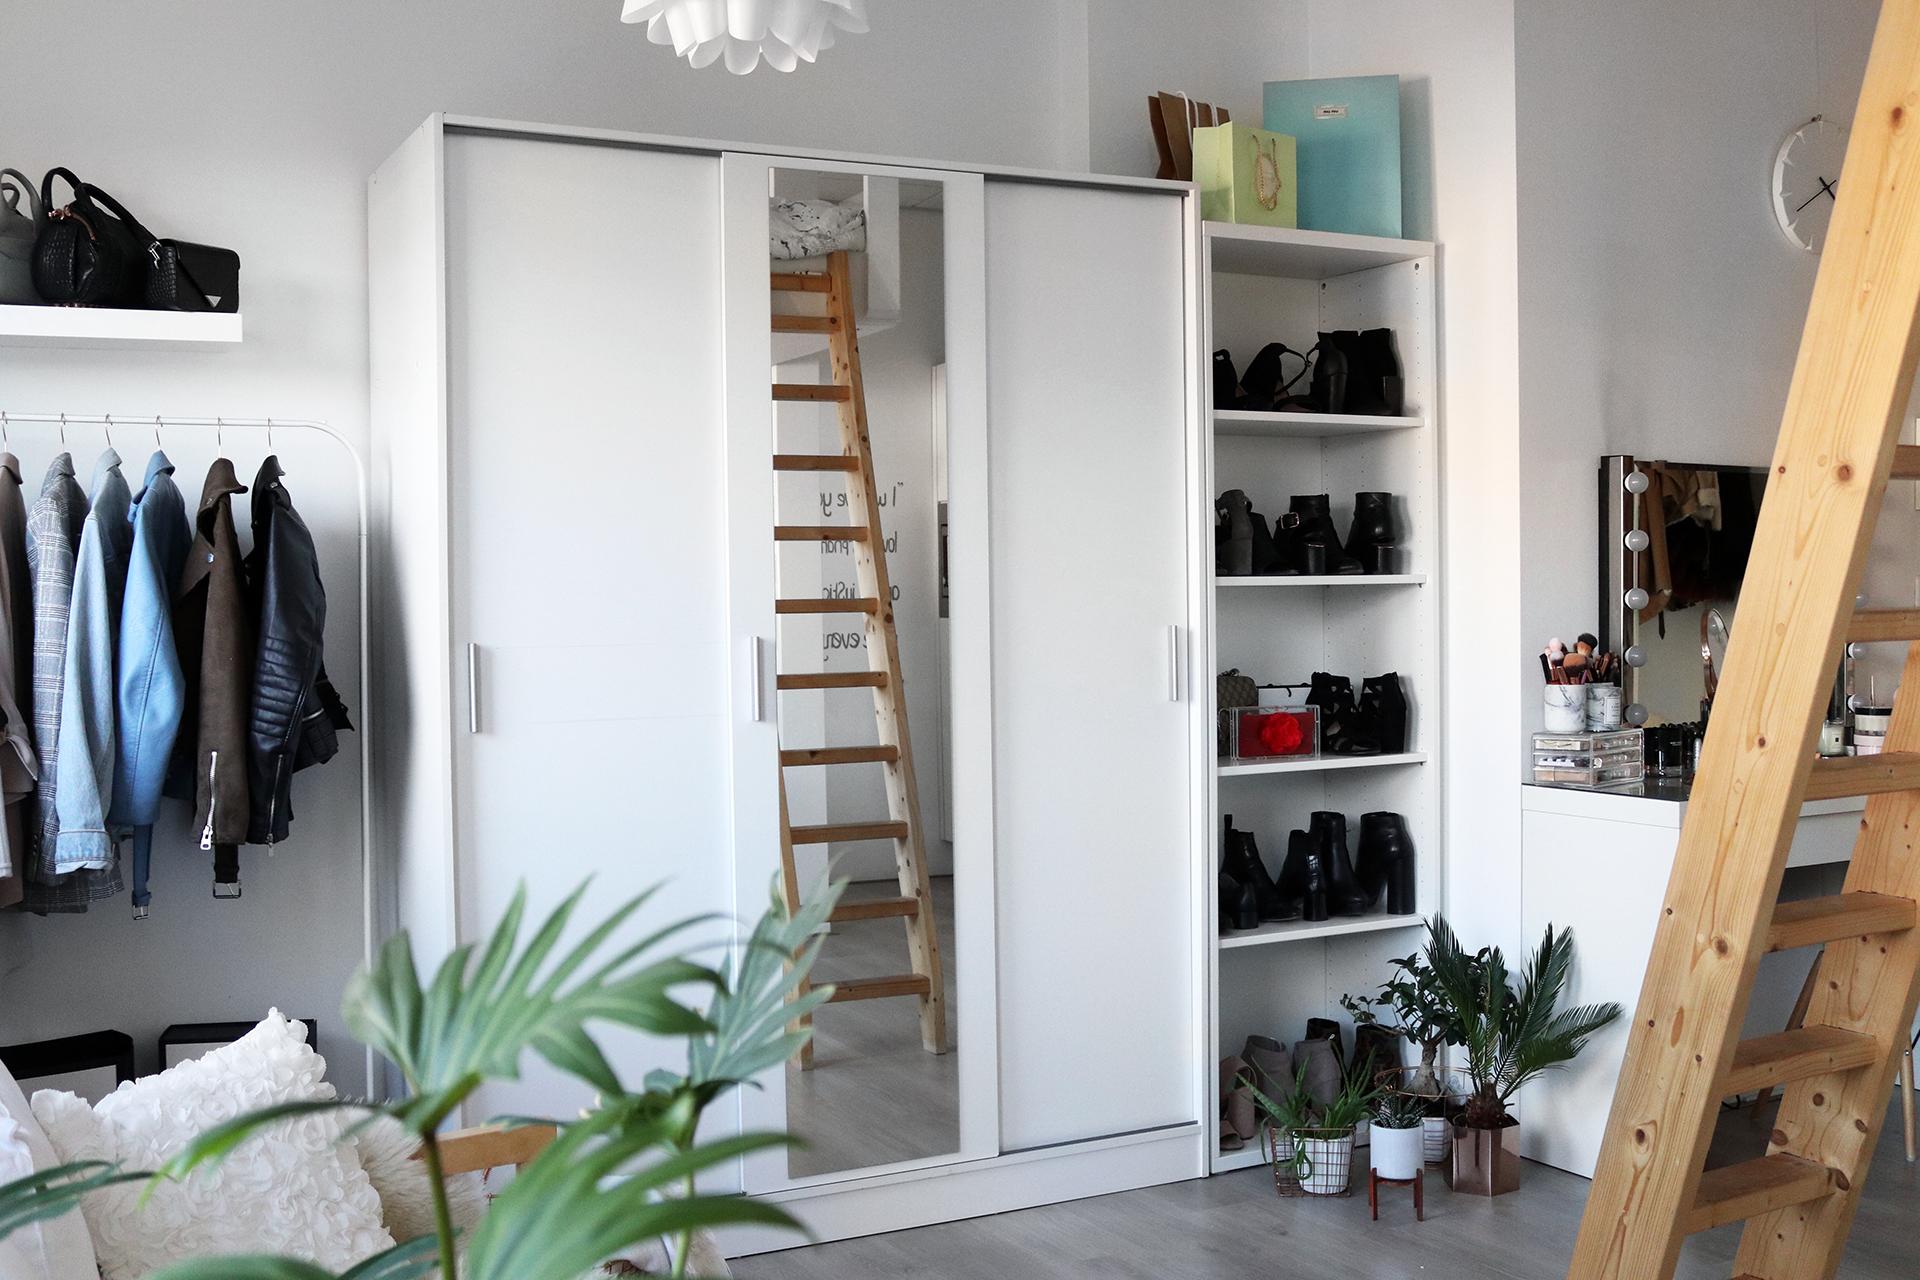 My Loft Apartment Home Tour